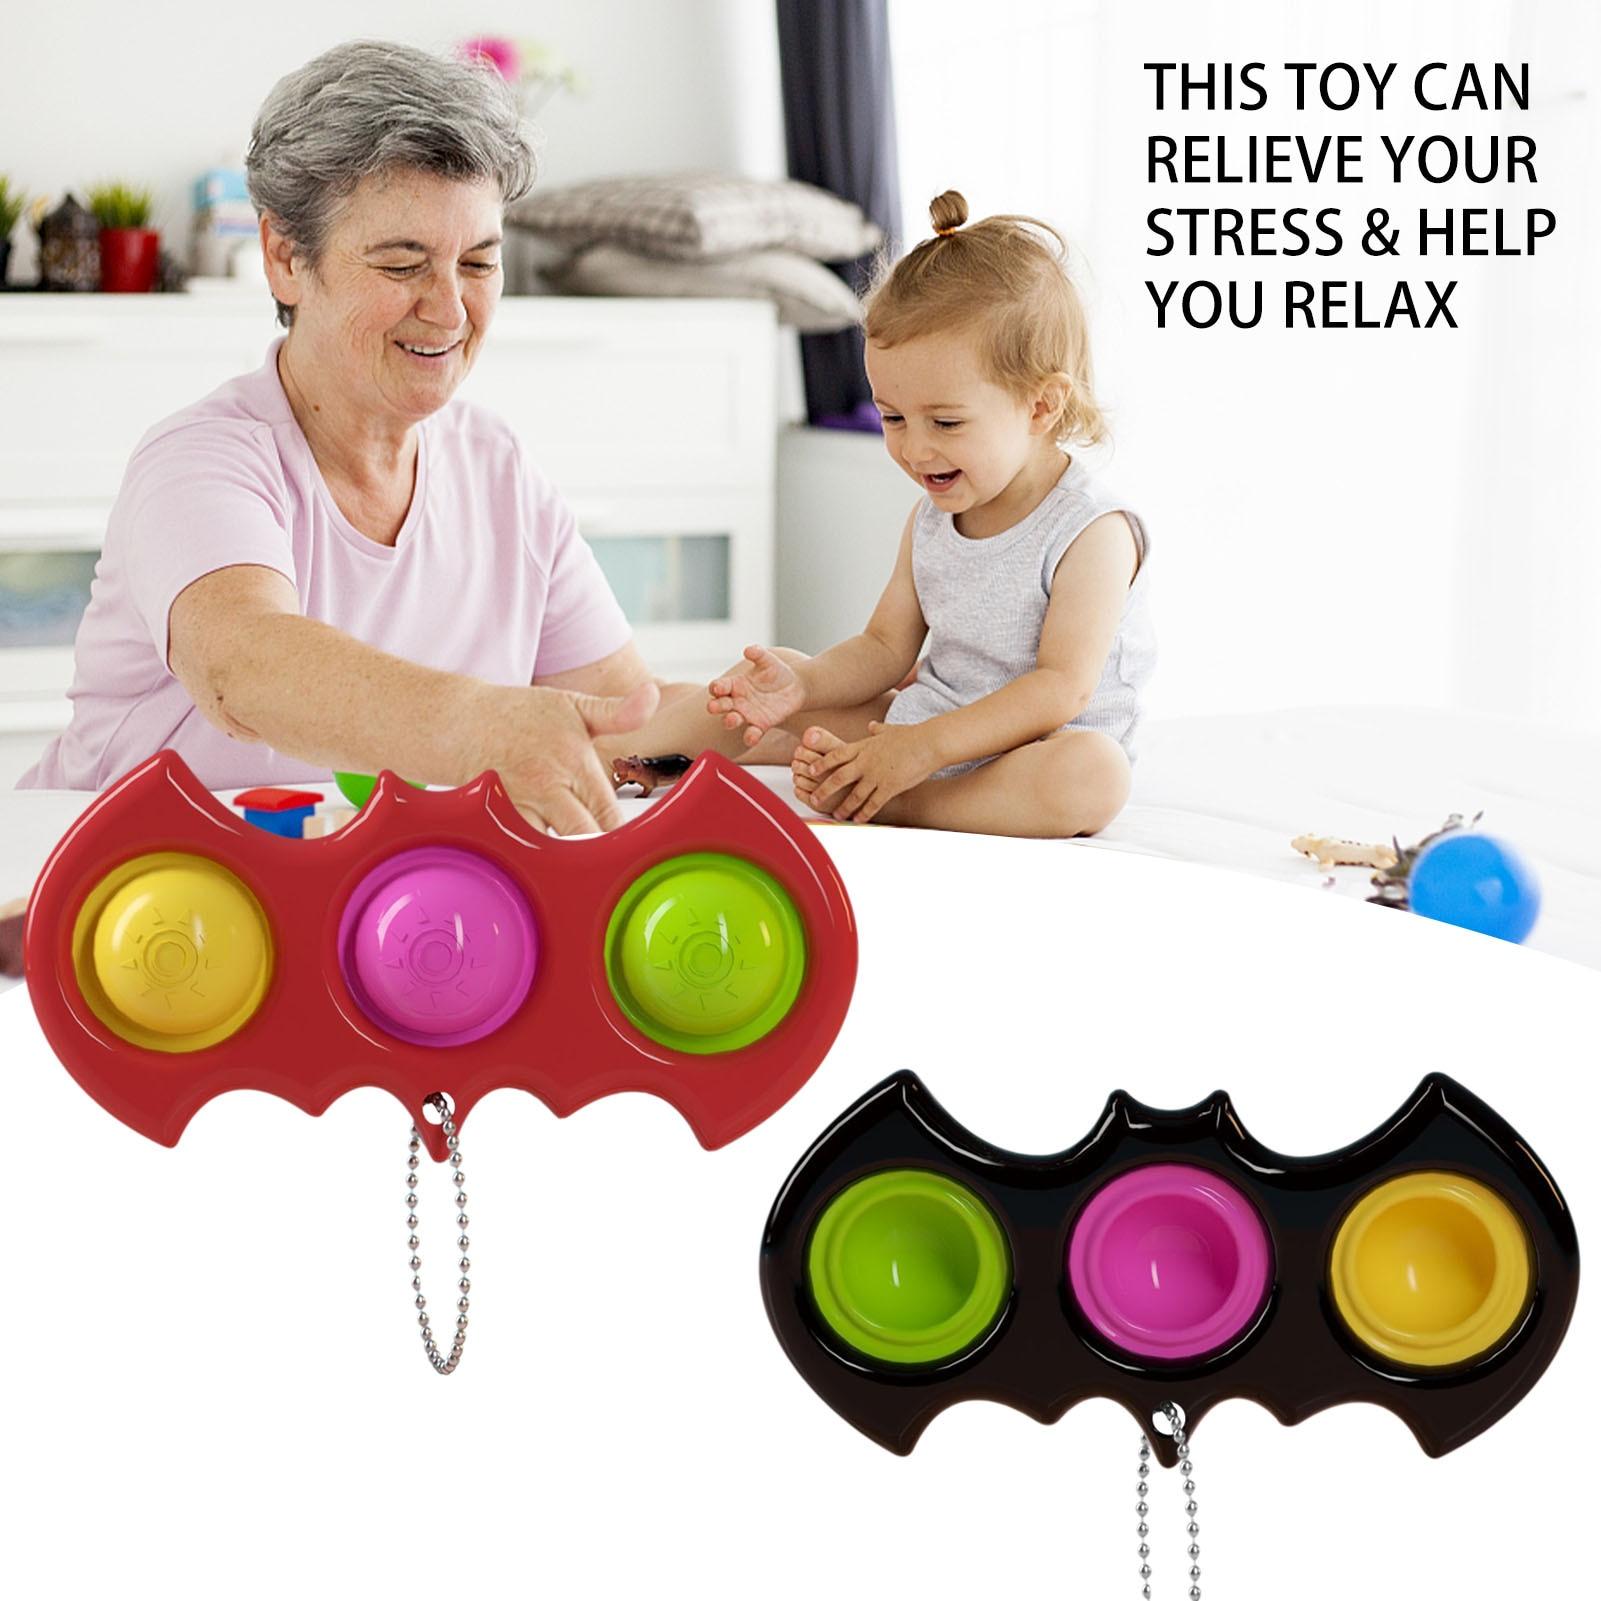 Двухцветный двусторонний брелок для снятия стресса, игрушка-пузырь, сенсорная фиксированная игрушка, подходит для взрослых и детей